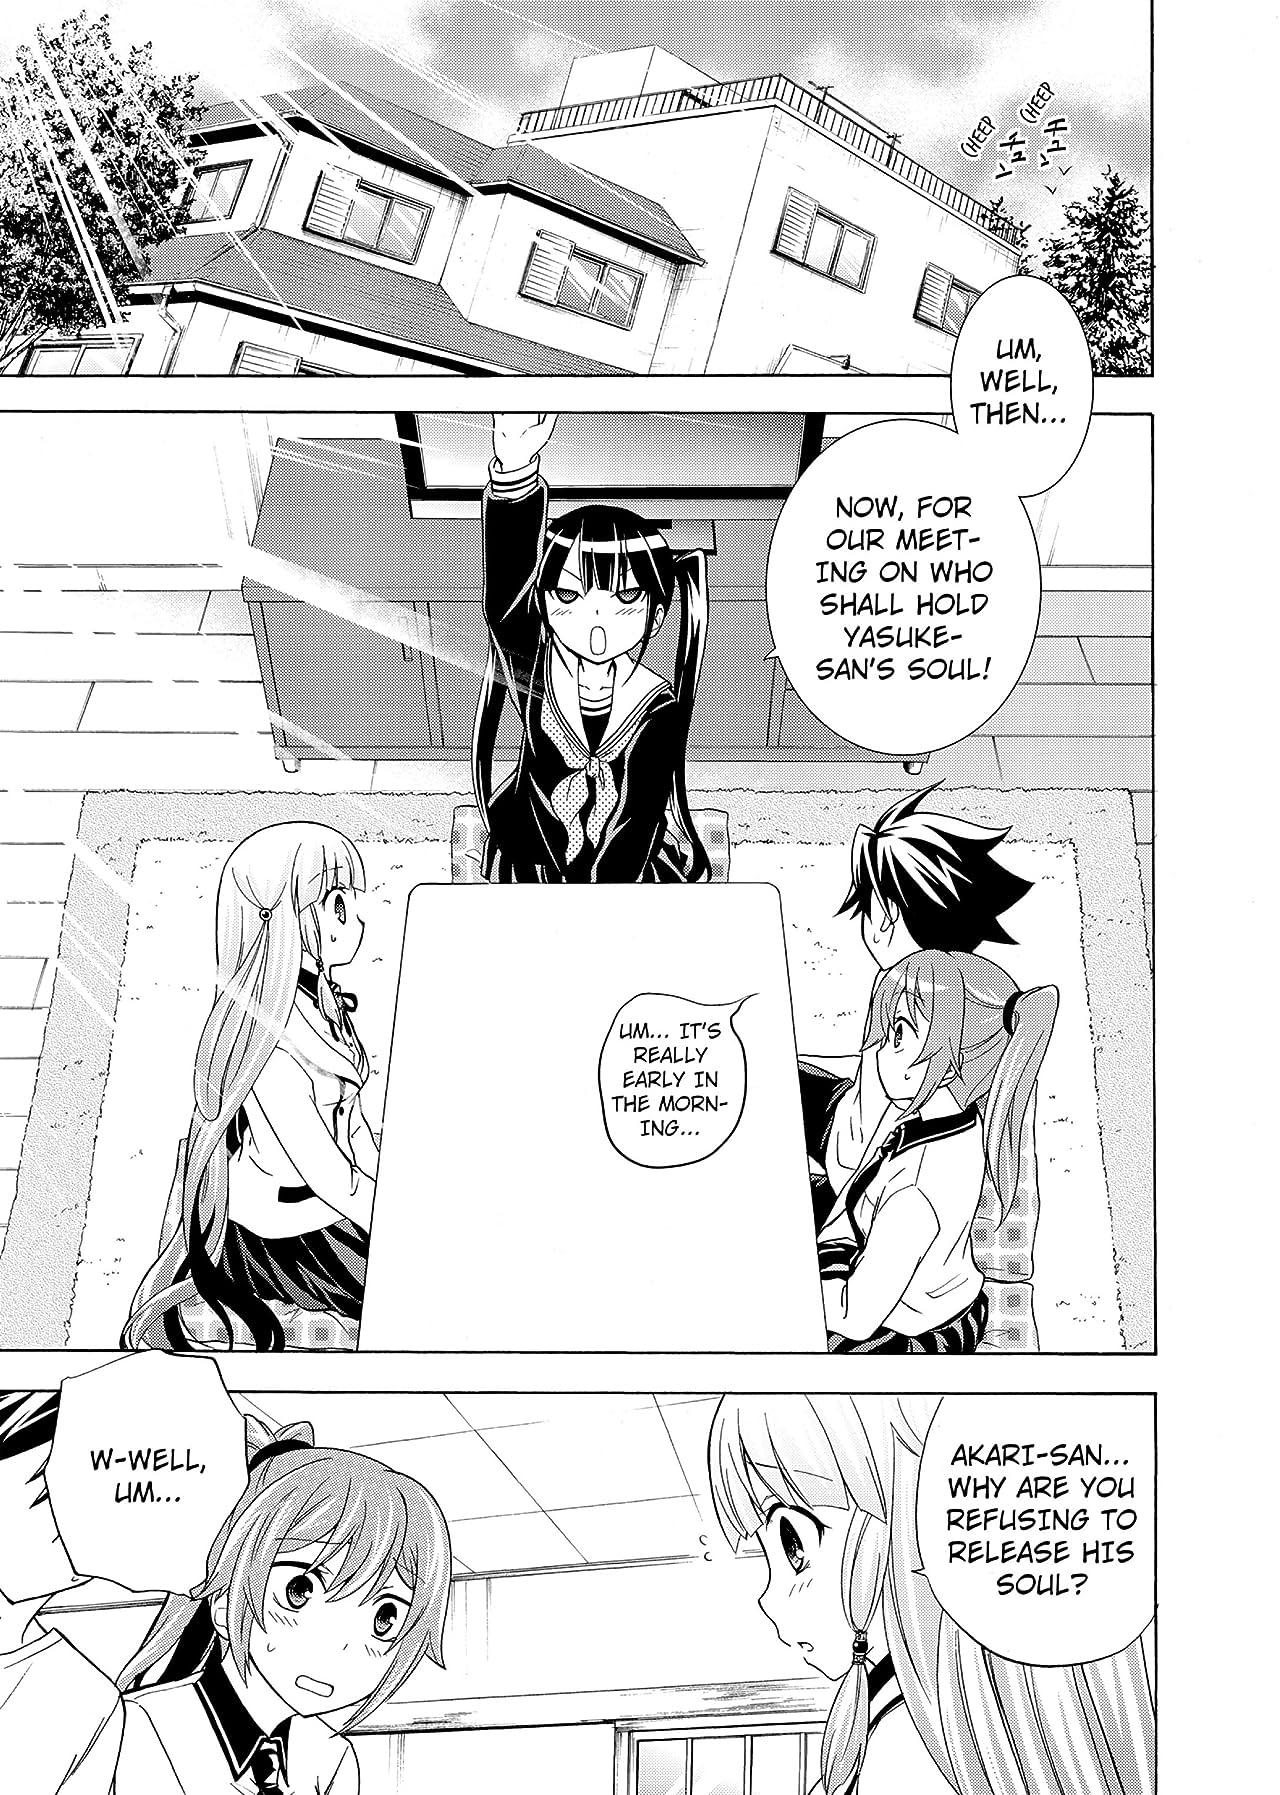 Maga-Tsuki #11